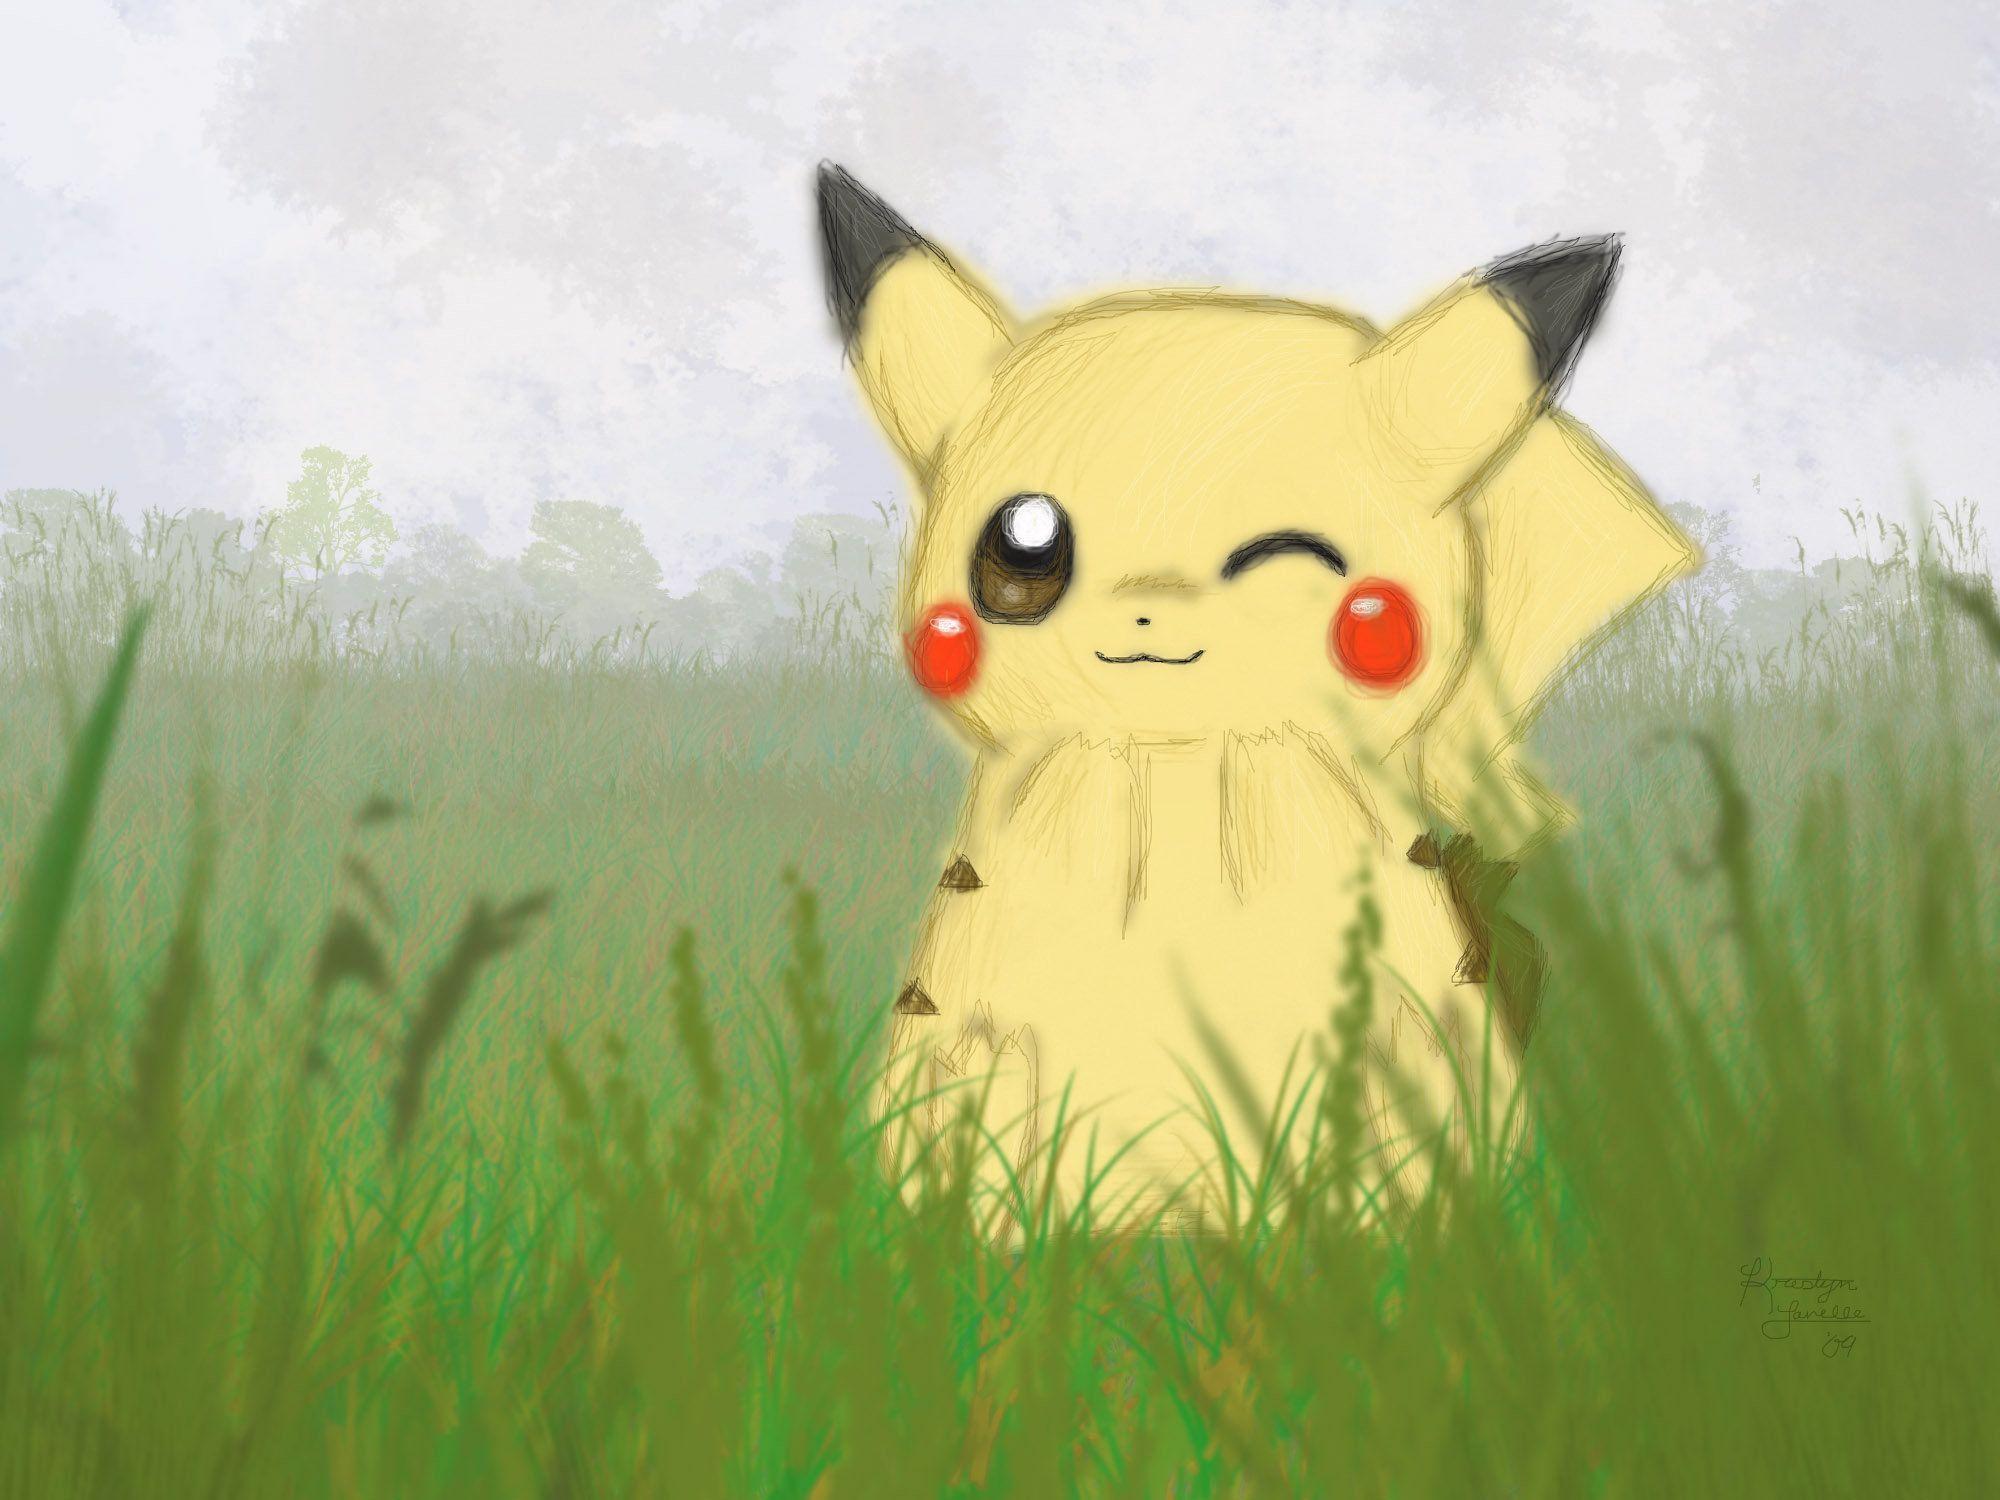 2000x1500 Pikachu hình nền- Foggy Field